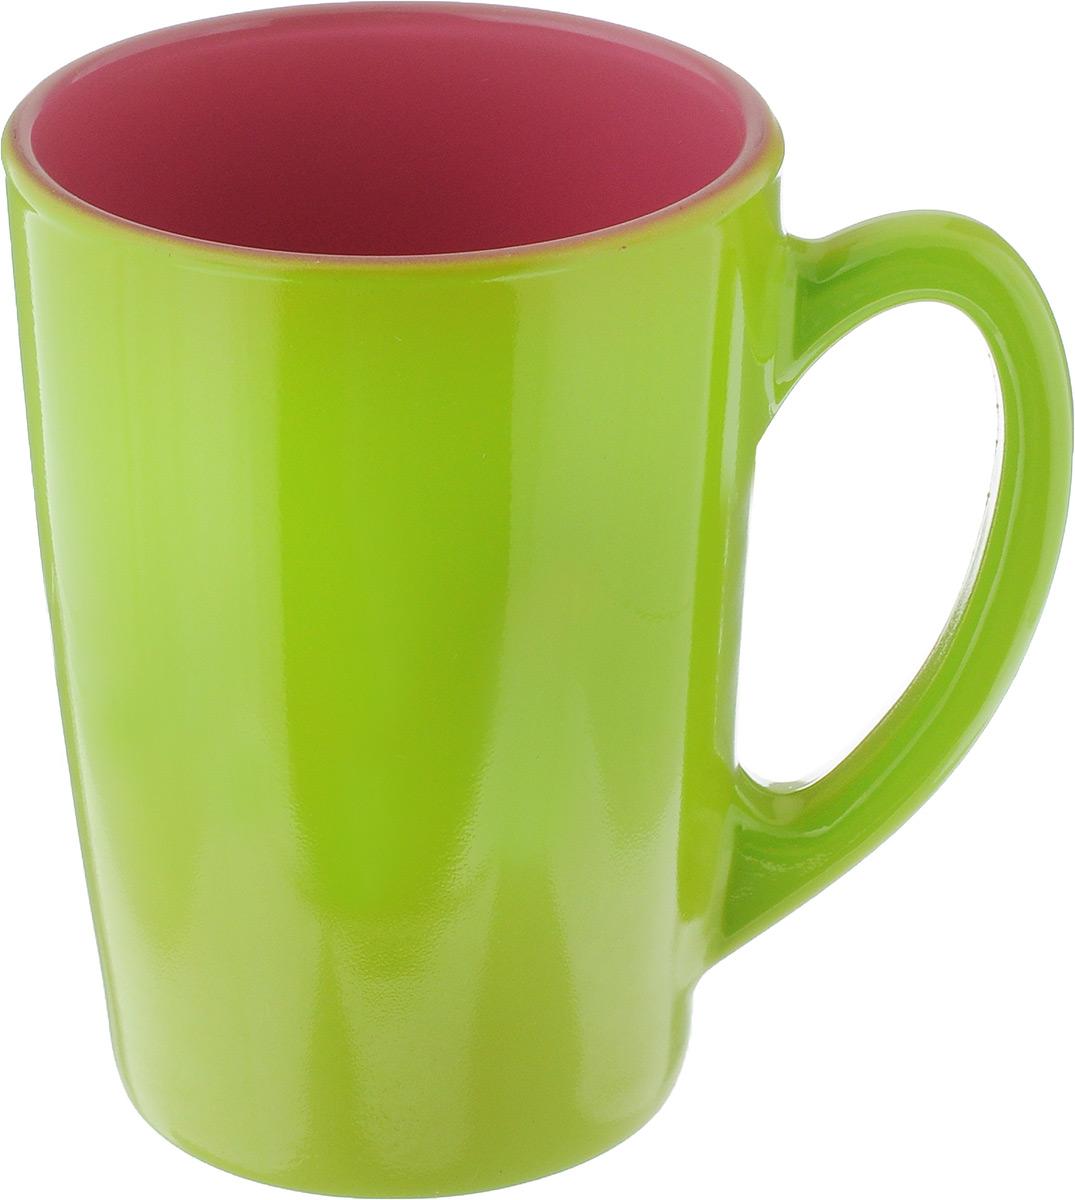 Кружка Luminarc Spring Break, цвет: салатовый, розовый, 320 мл. J3417-1J3417-1_салатовый, розовыйКружка Luminarc Spring Break, изготовленная из ударопрочного стекла, прекрасно подойдет для горячих и холодных напитков. Она дополнит коллекцию вашей кухонной посуды и будет служить долгие годы. Можно использовать в микроволновой печи и мыть в посудомоечной машине. Диаметр кружки (по верхнему краю): 8 см.Высота стенки кружки: 11 см.